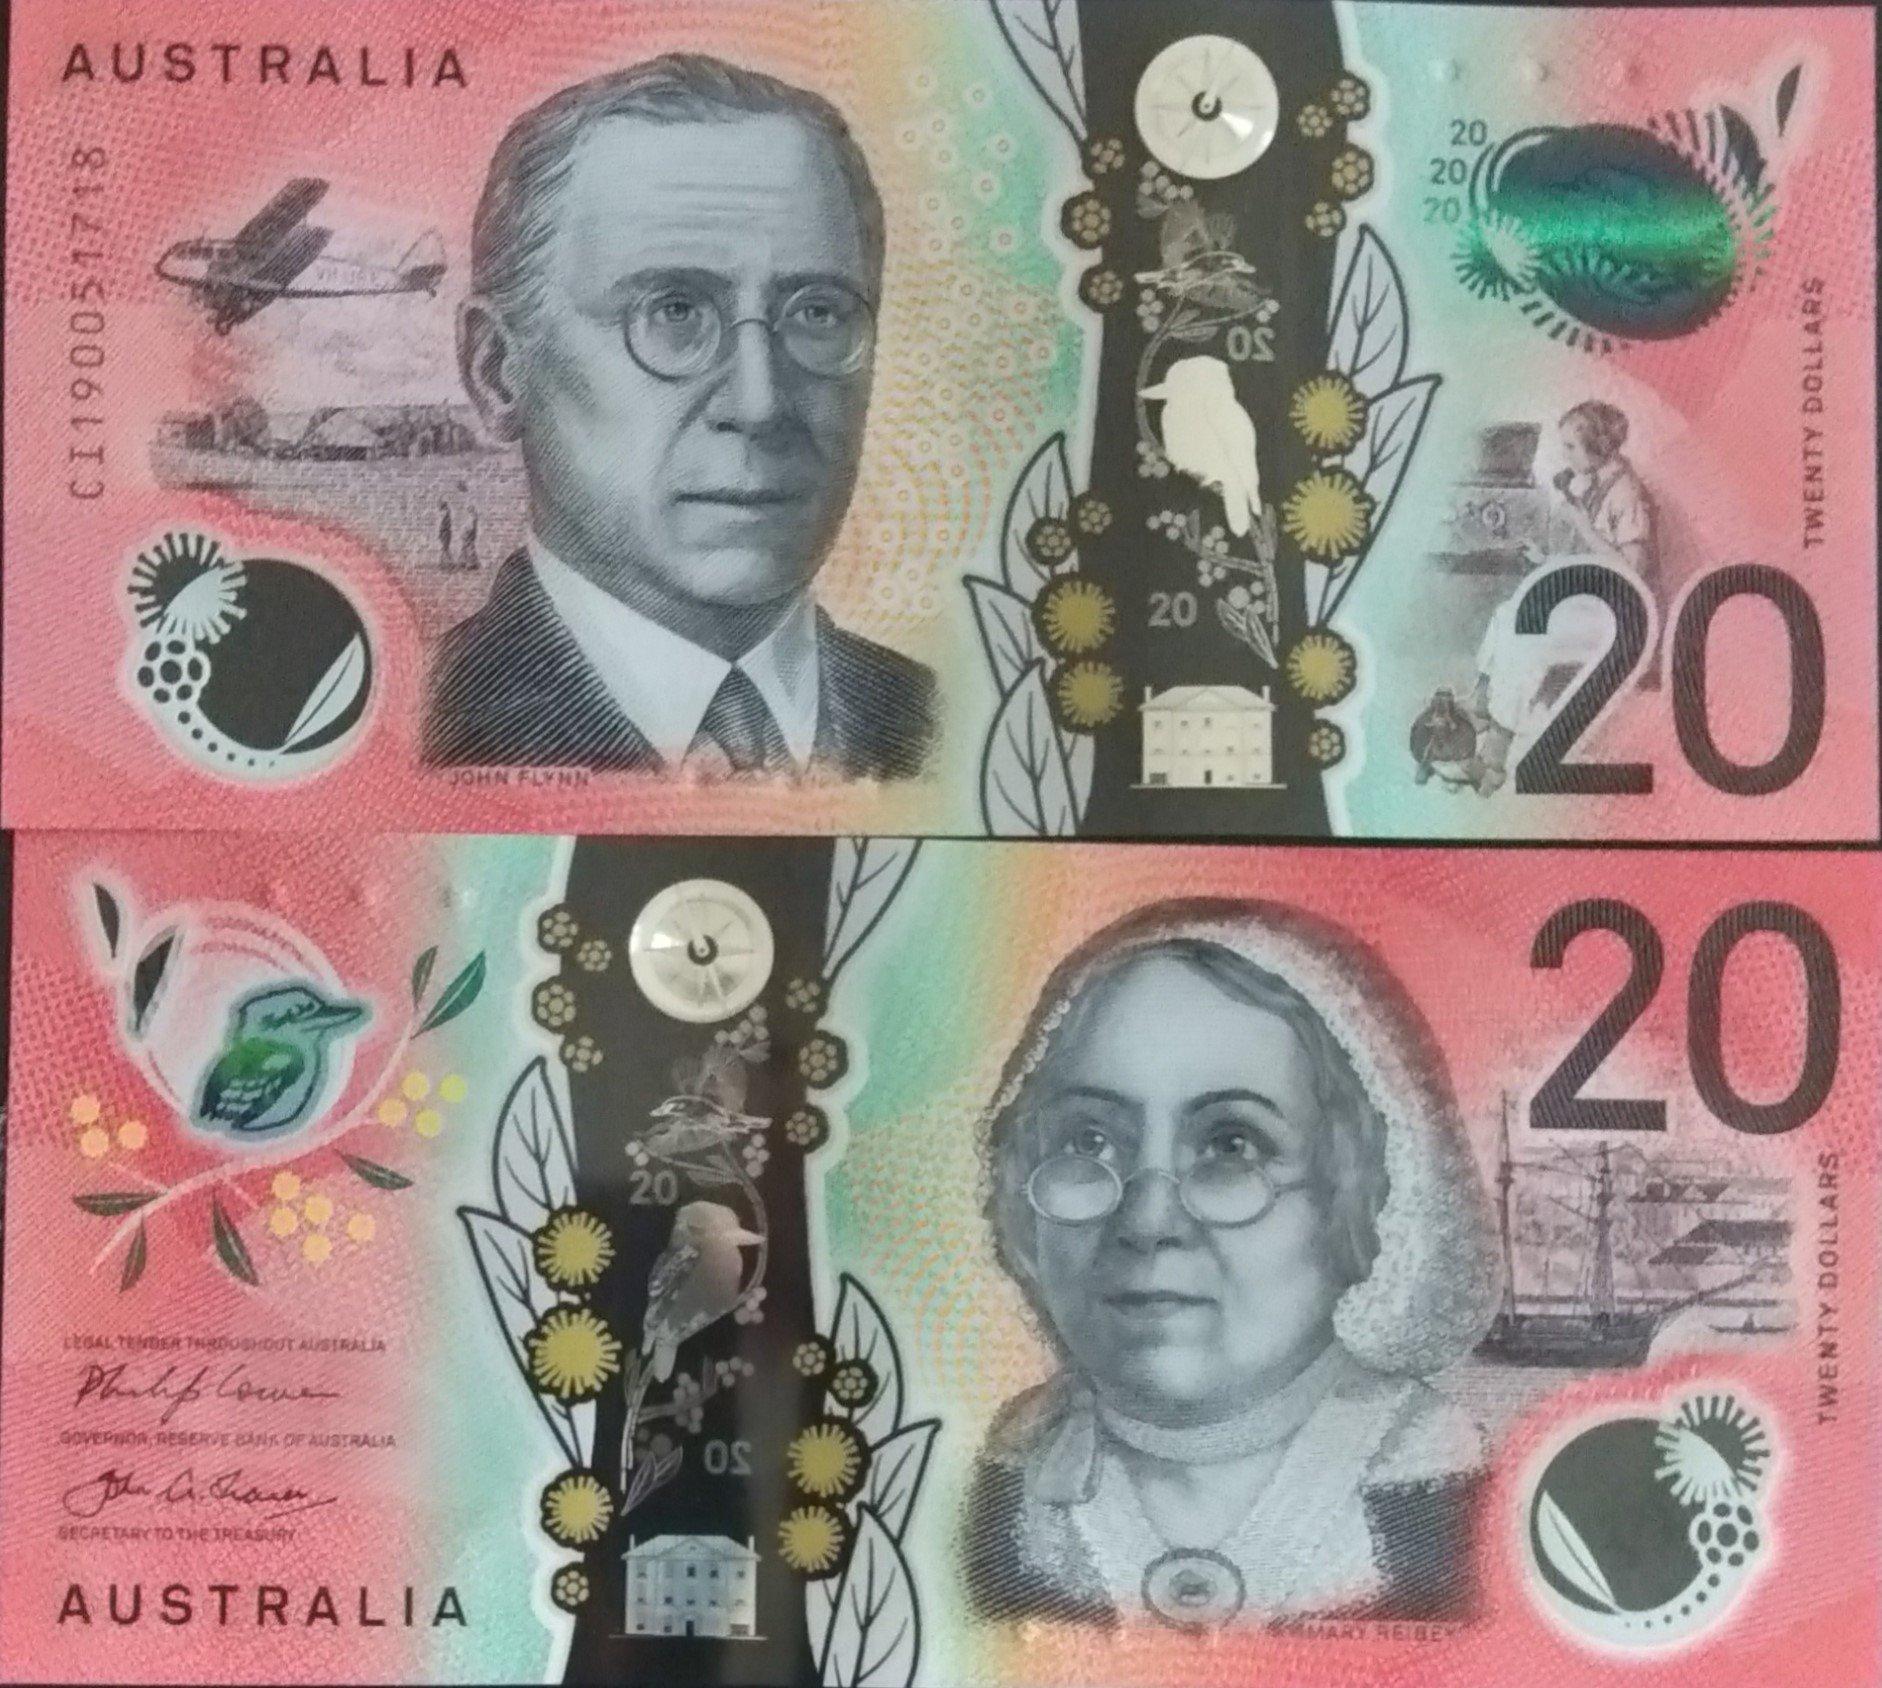 Australia 20 dollars 2019 for sale